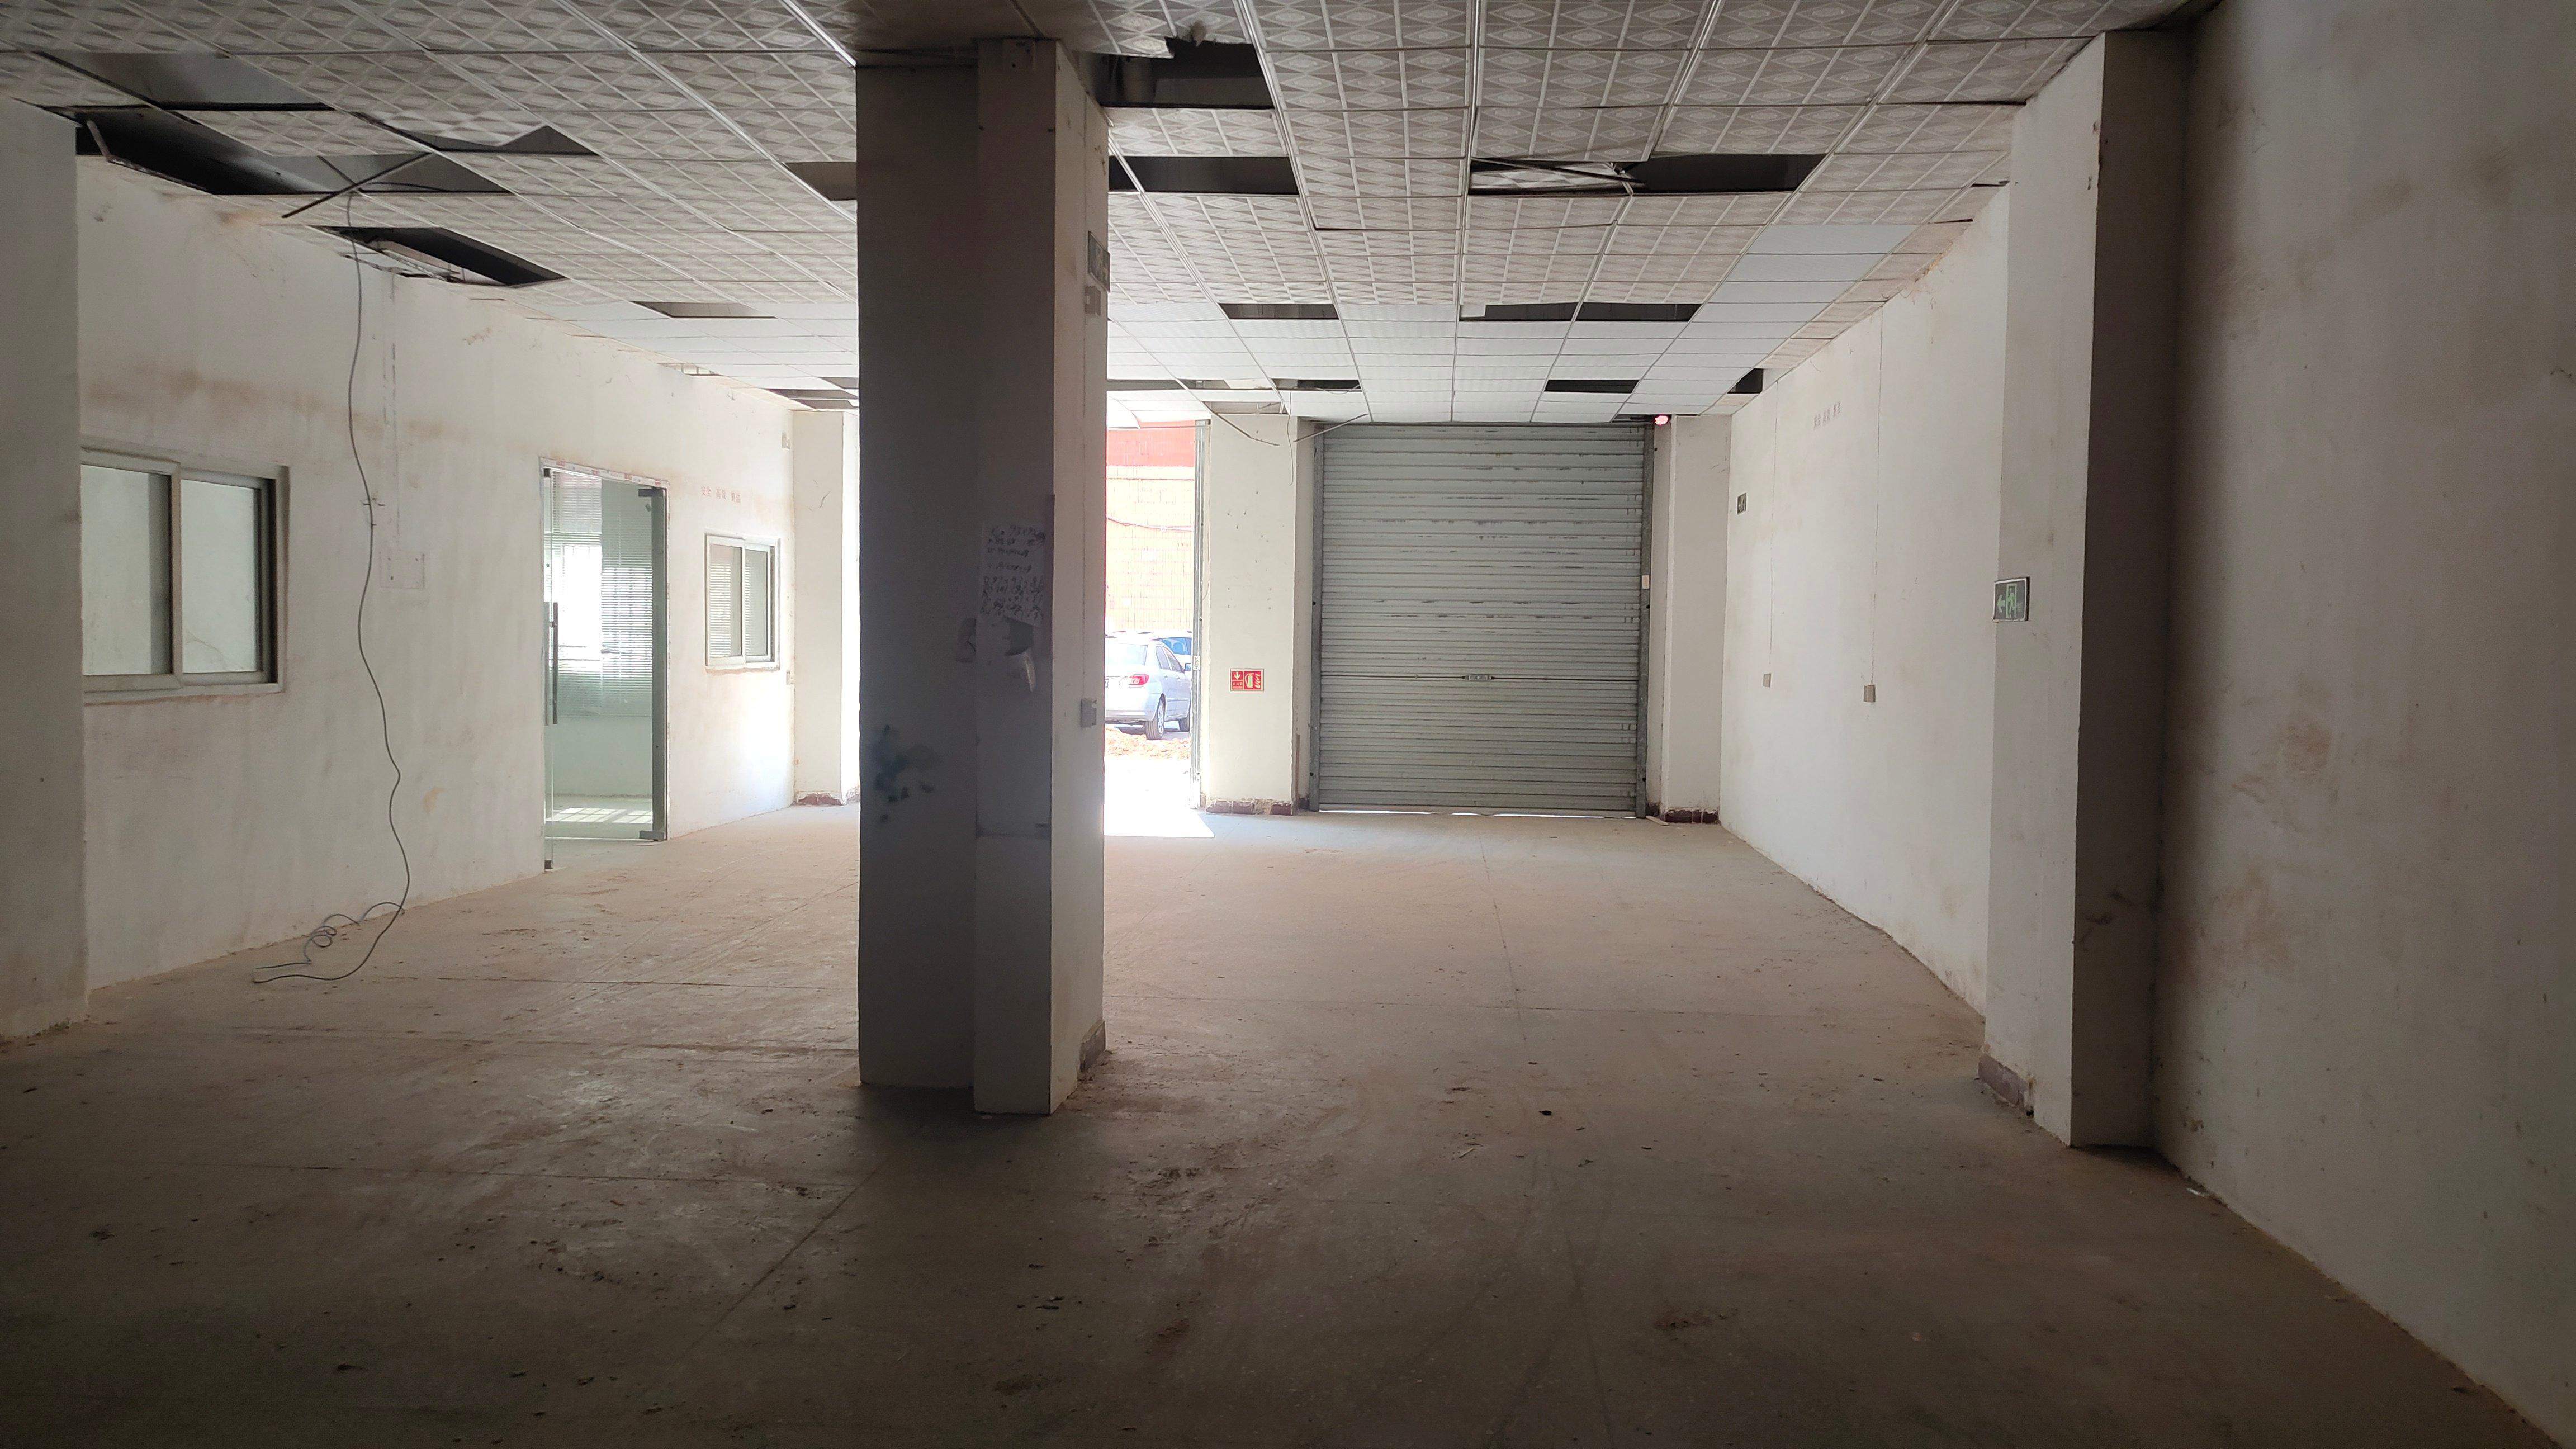 长安新安大桥附近新出厂房一楼200平米价格20元,水电齐全。